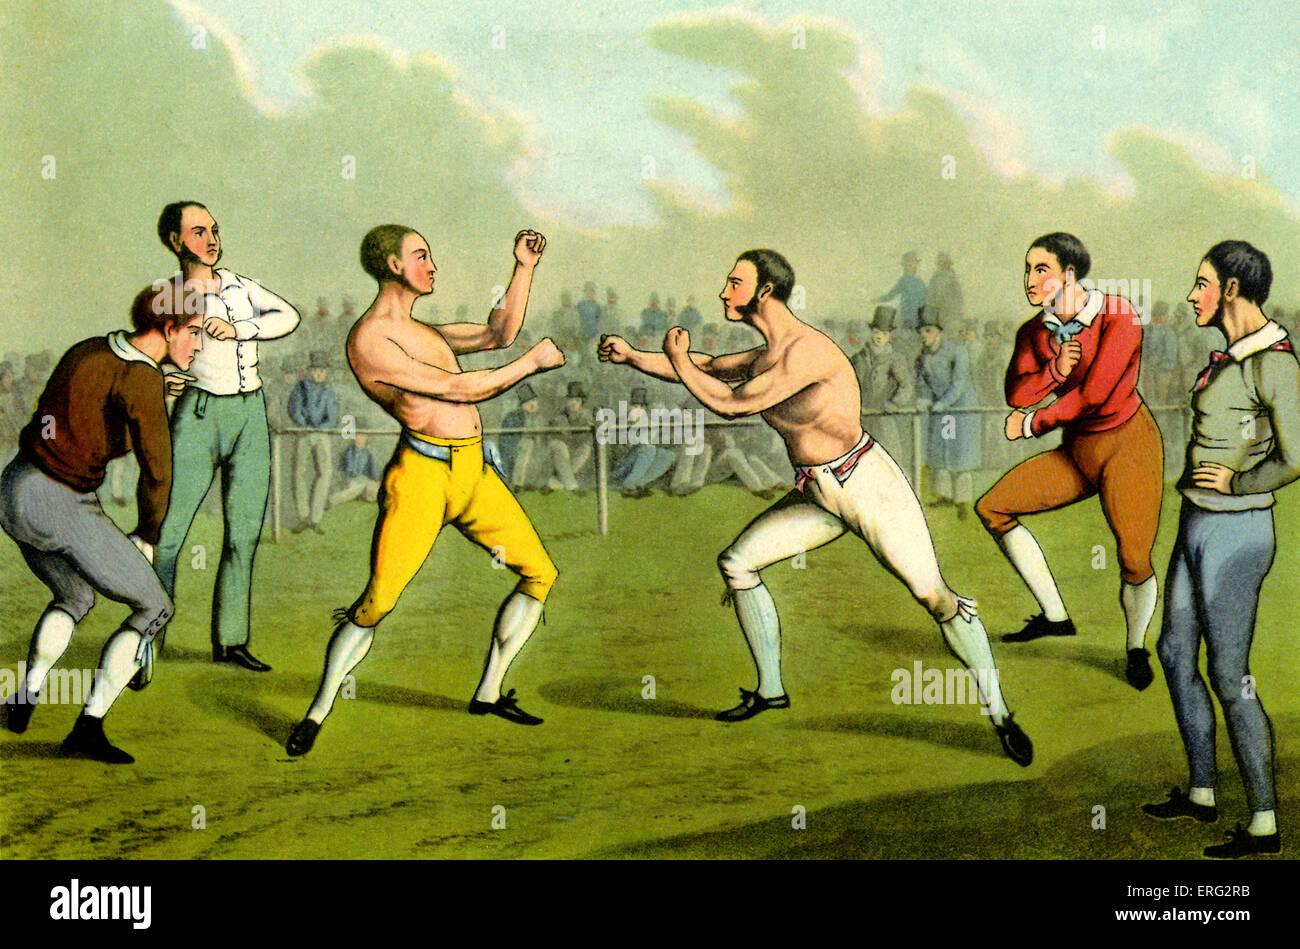 Bare-fuso a snodo il pugilato. Incisione di Henry Alken artista britannico 12 Ottobre 1785 - 7 aprile 1851. Immagini Stock